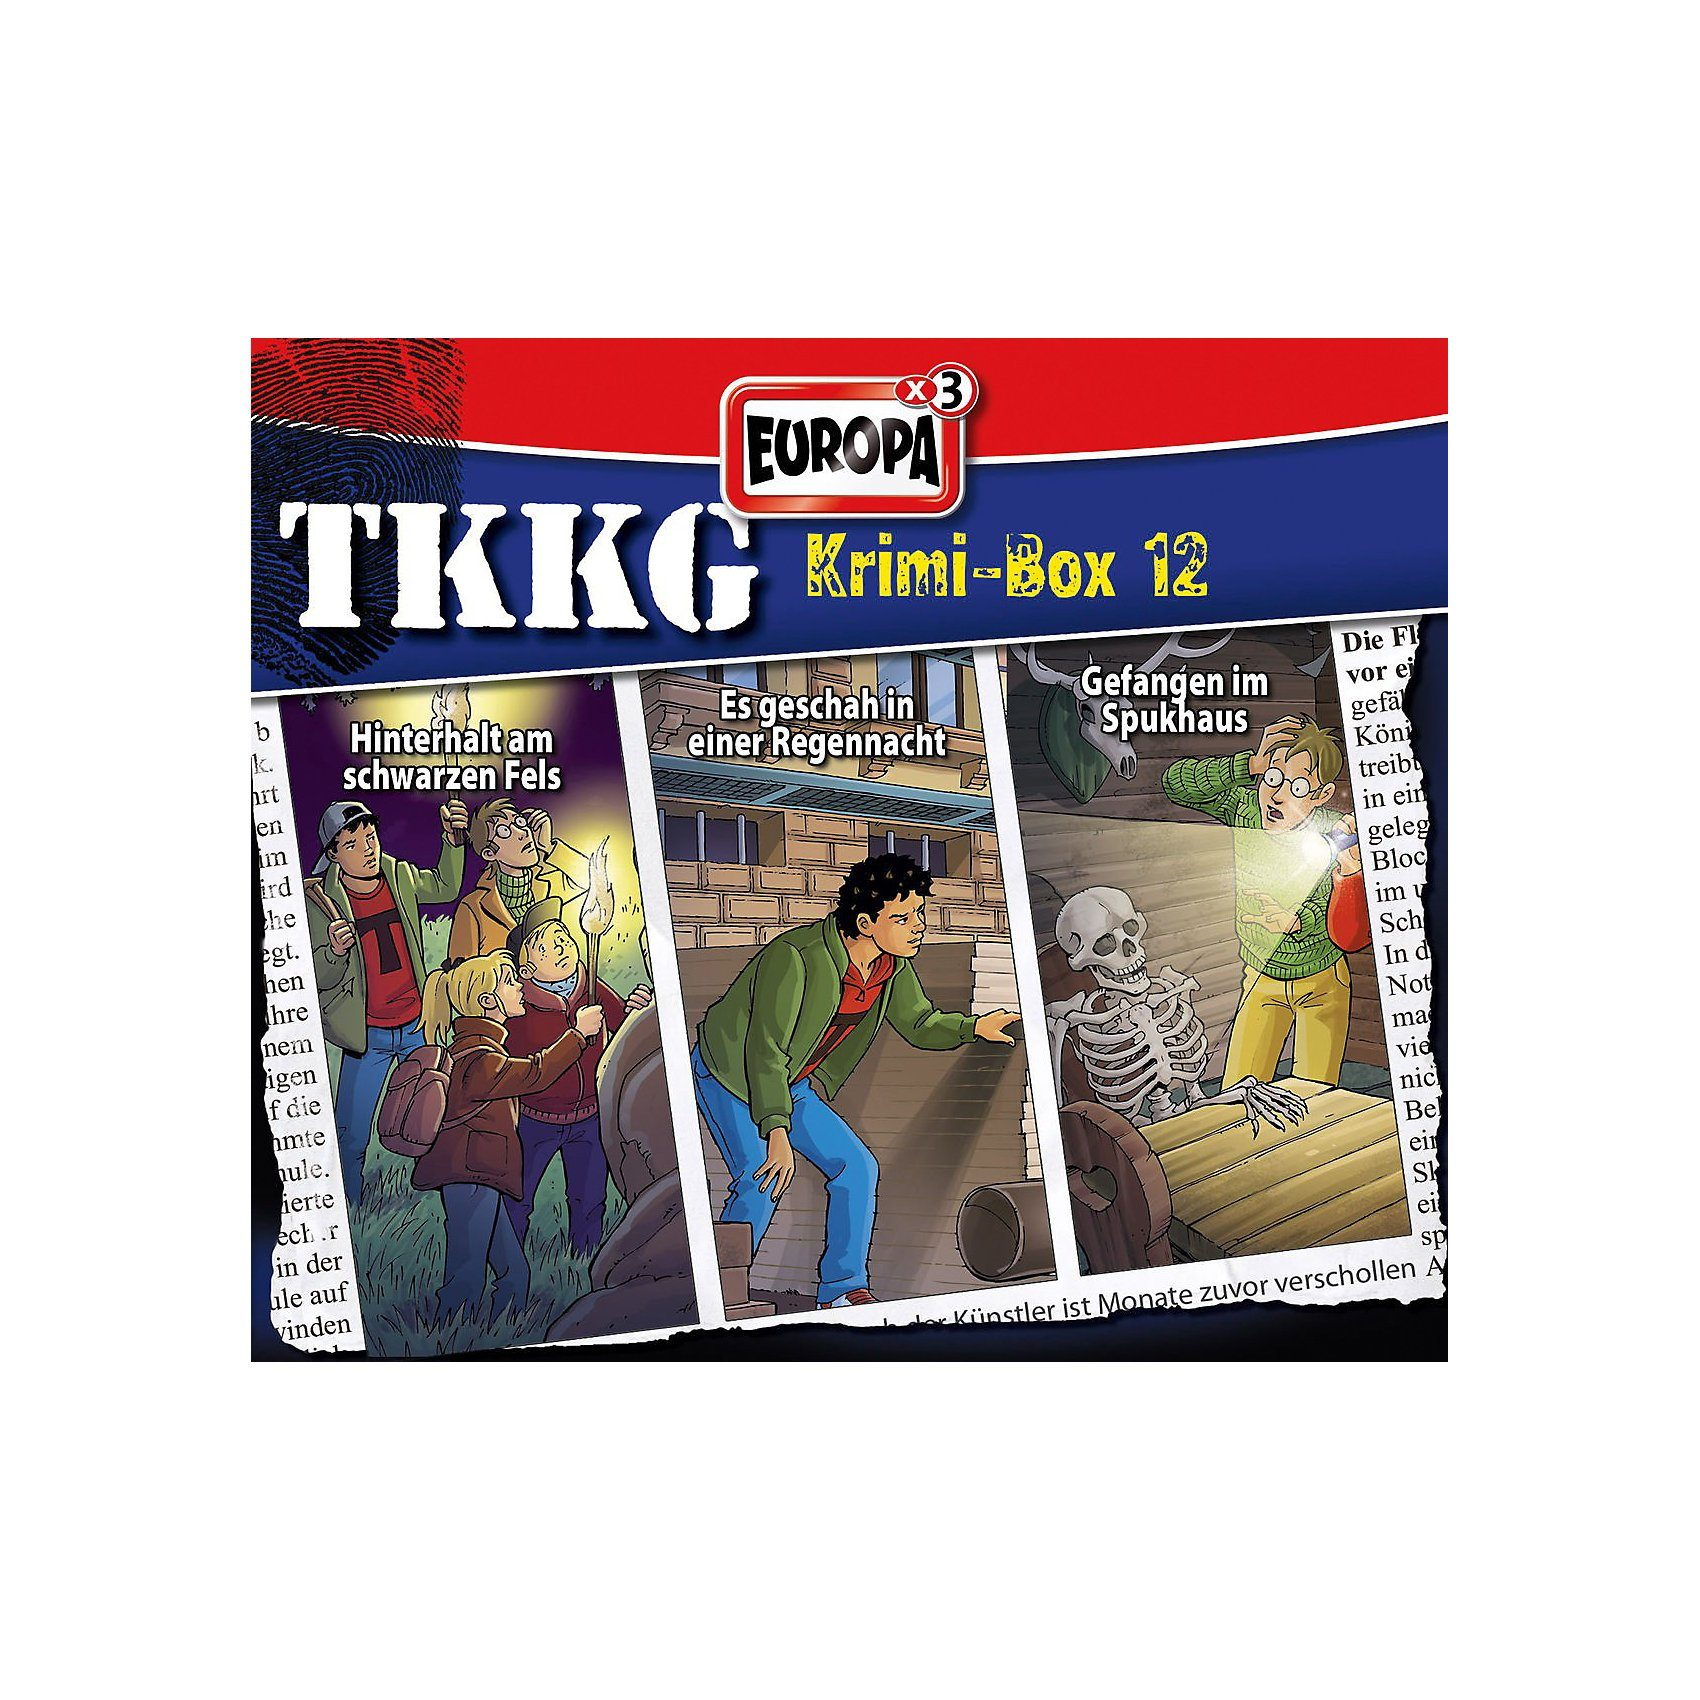 Sony CD TKKG - Krimi-Box 12